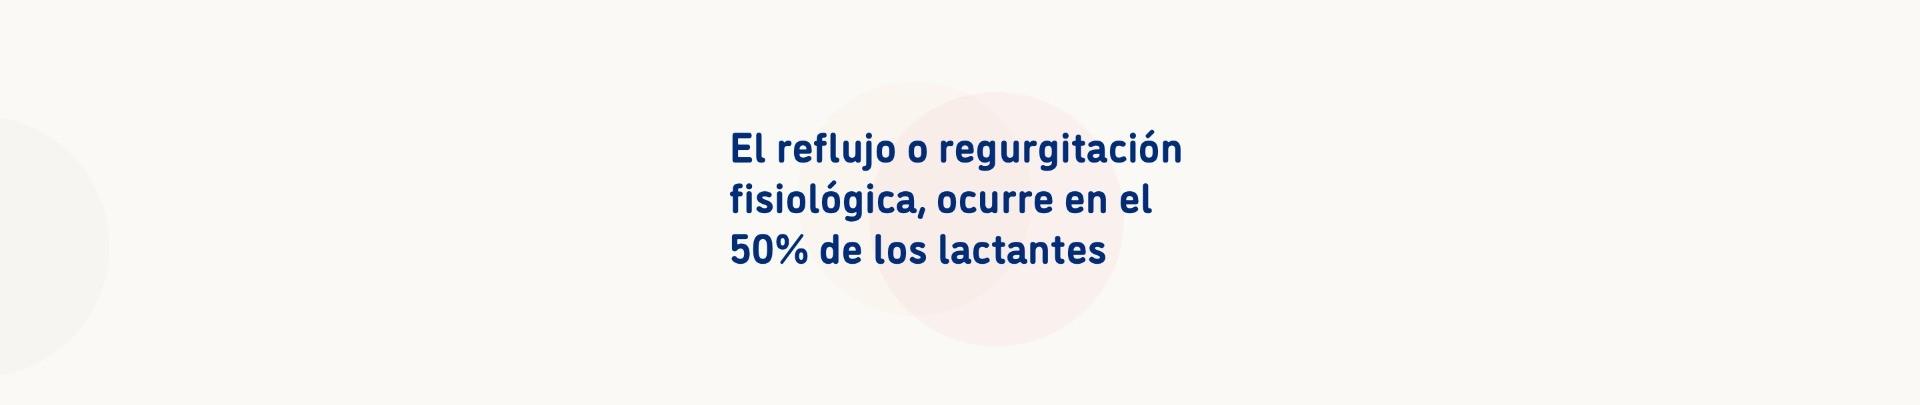 El reflujo o regurgitación fisiológica, ocurre en el 50% de los lactantes